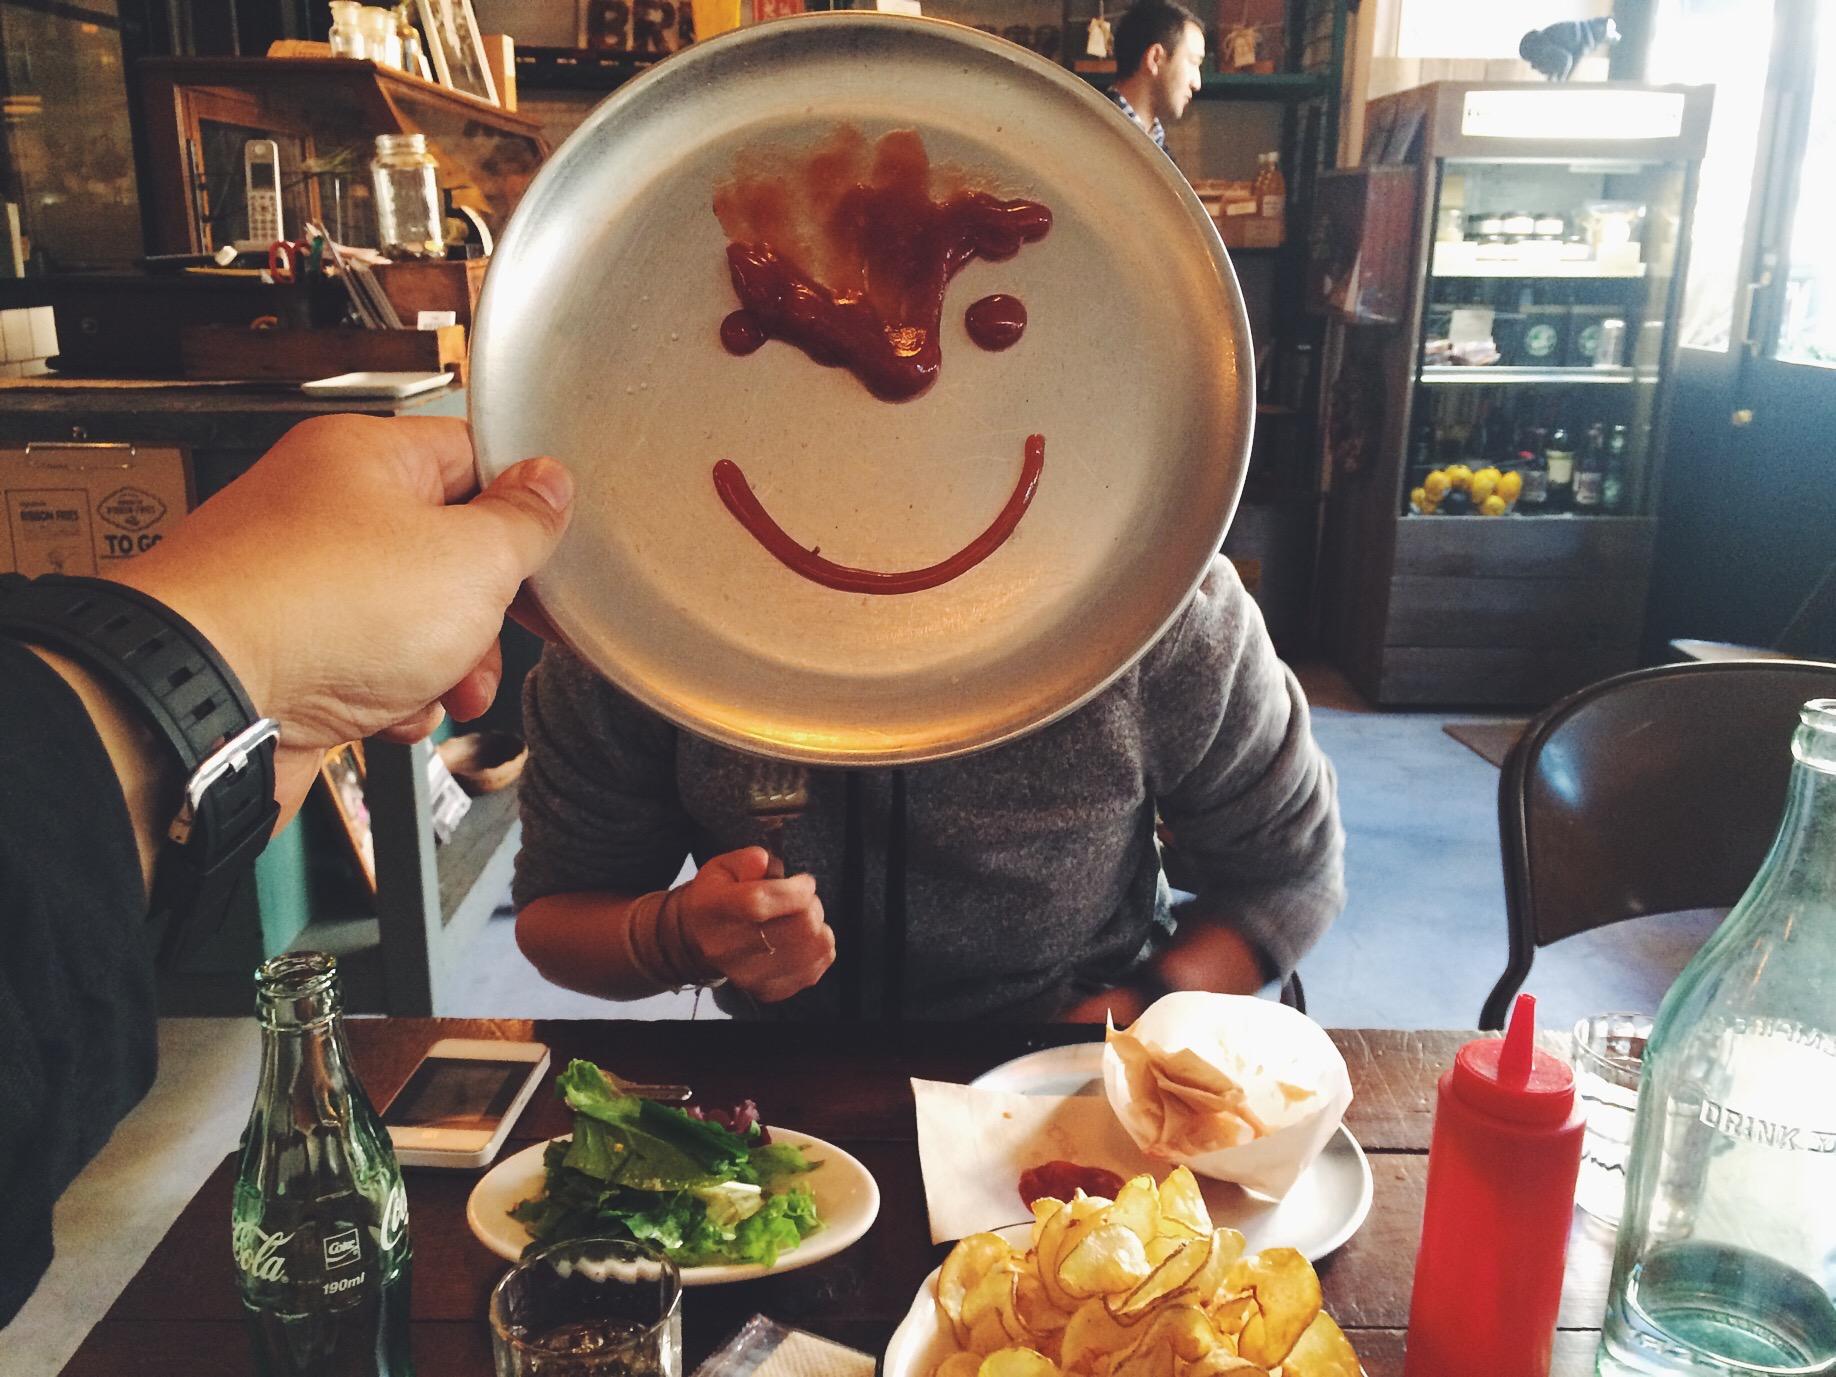 My ketchup happy face.